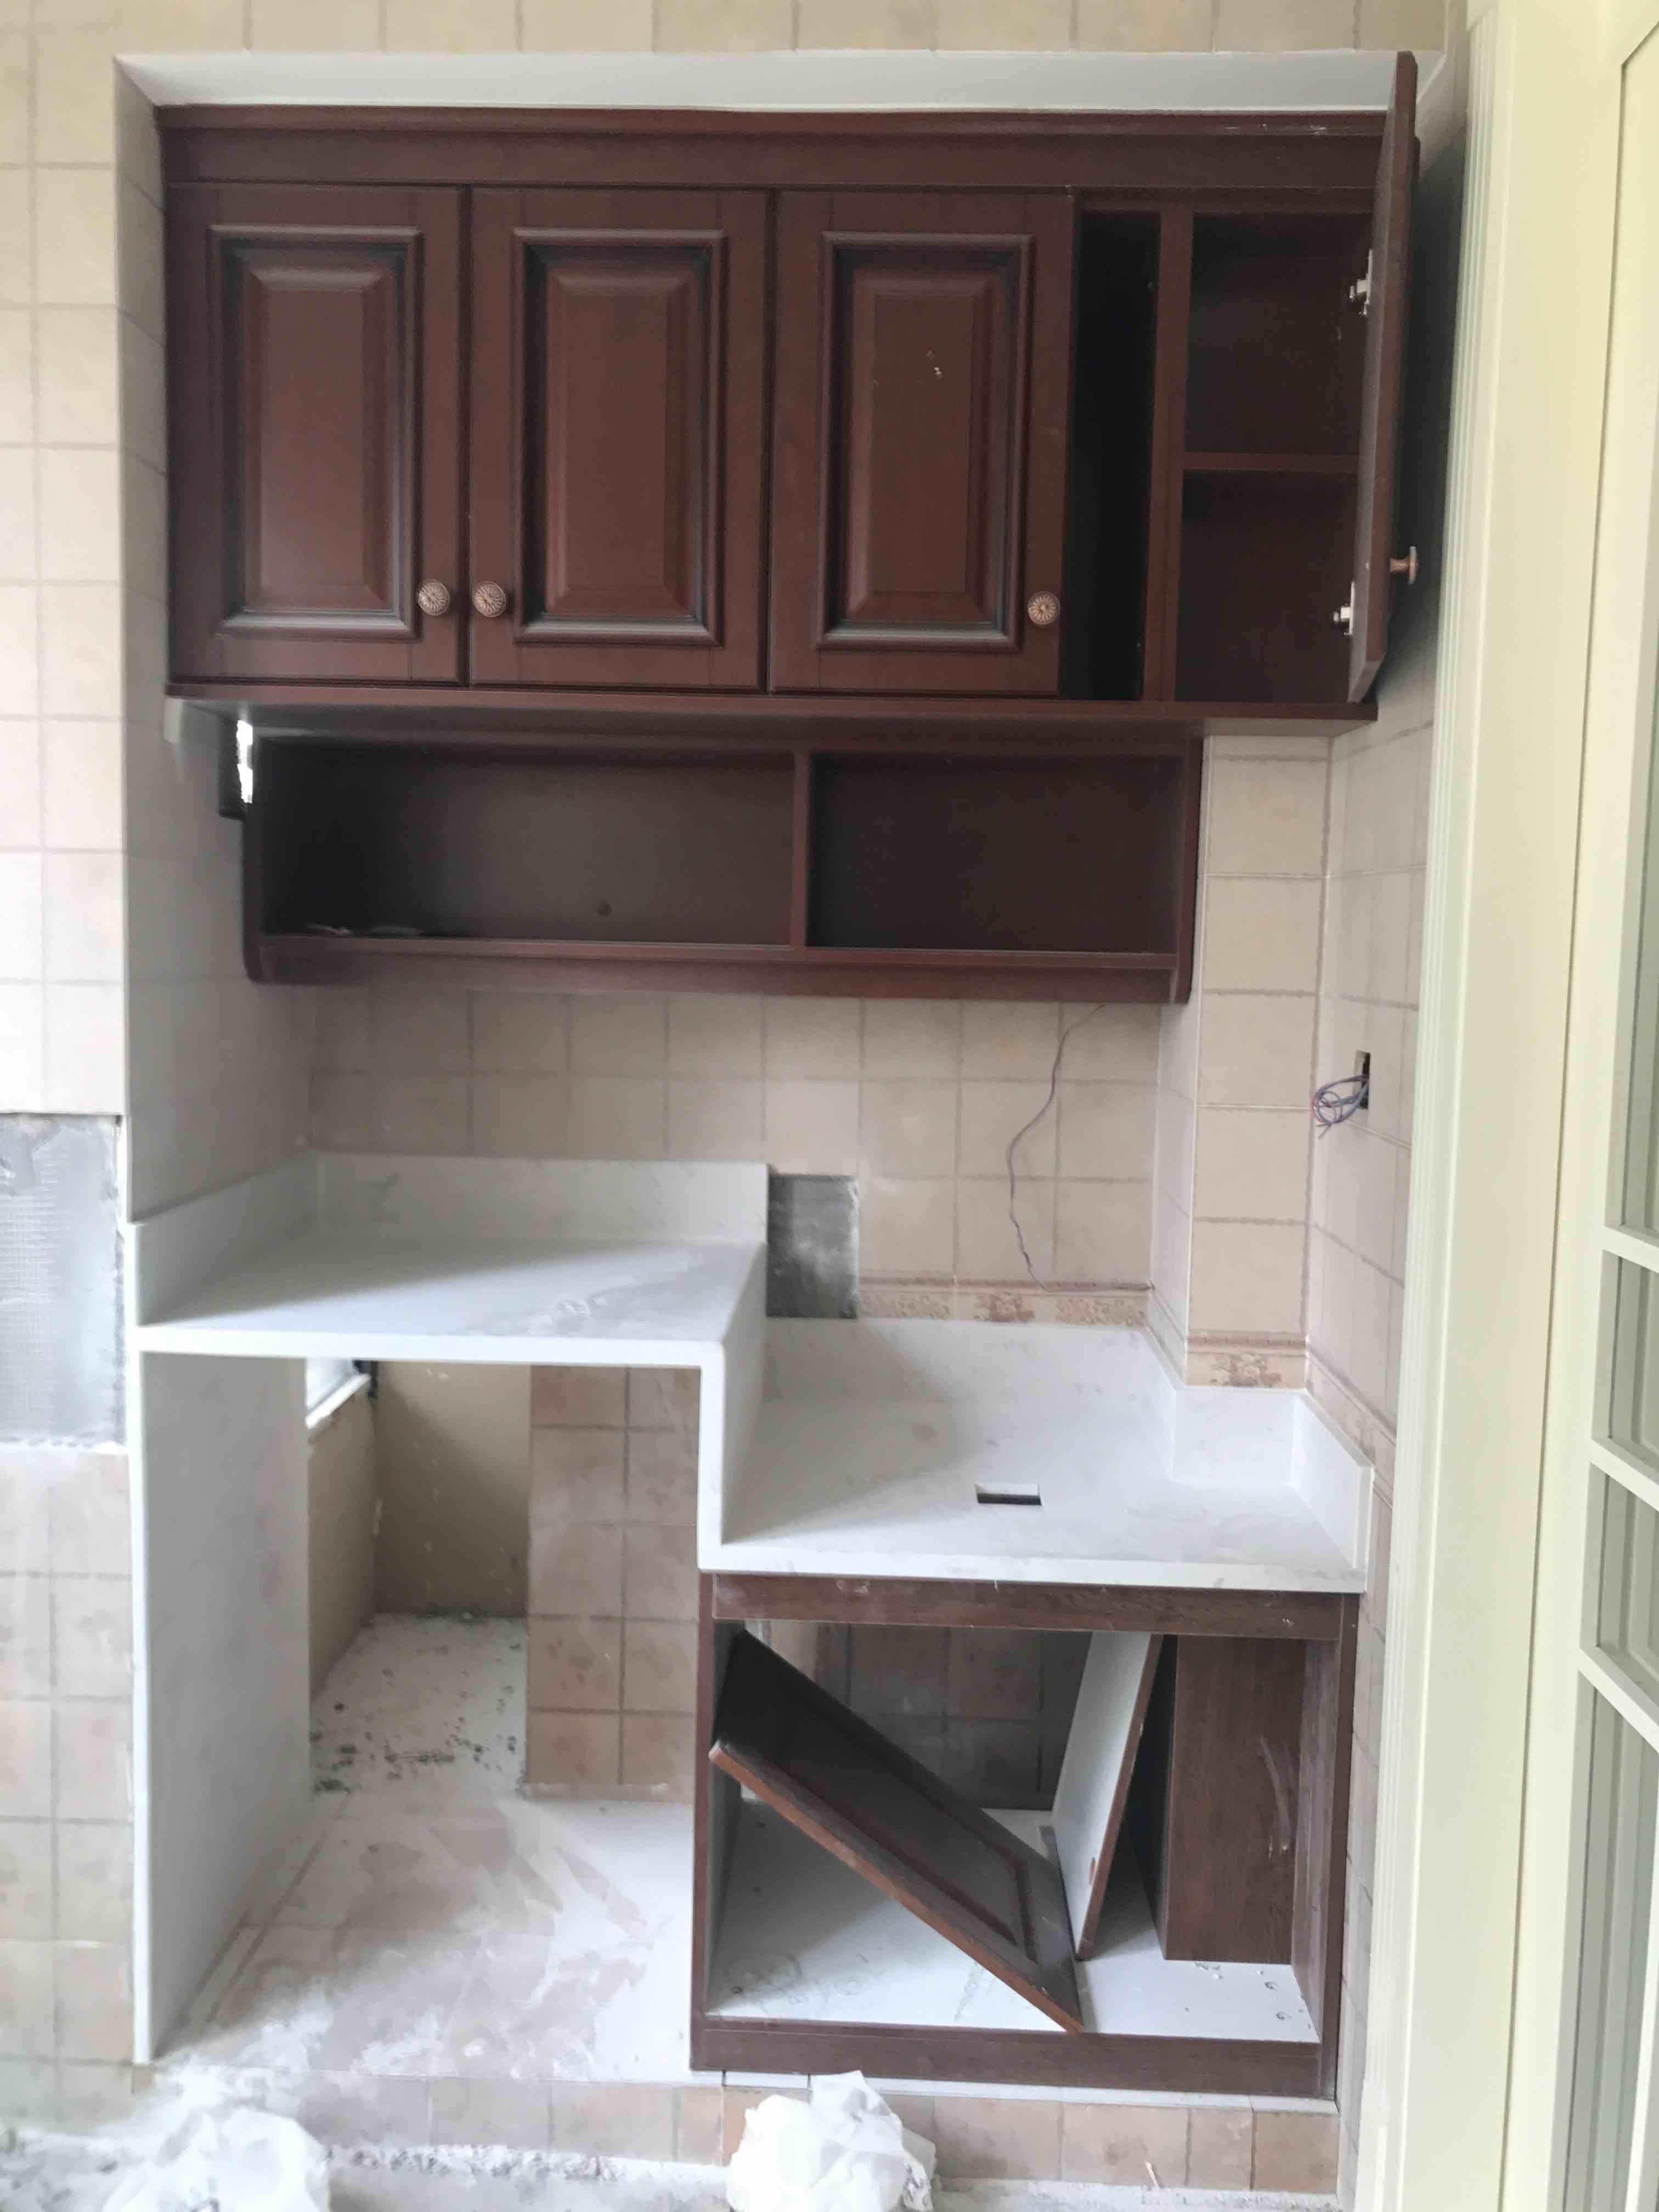 阳台洗衣机柜 壁炉大理石铺设图片